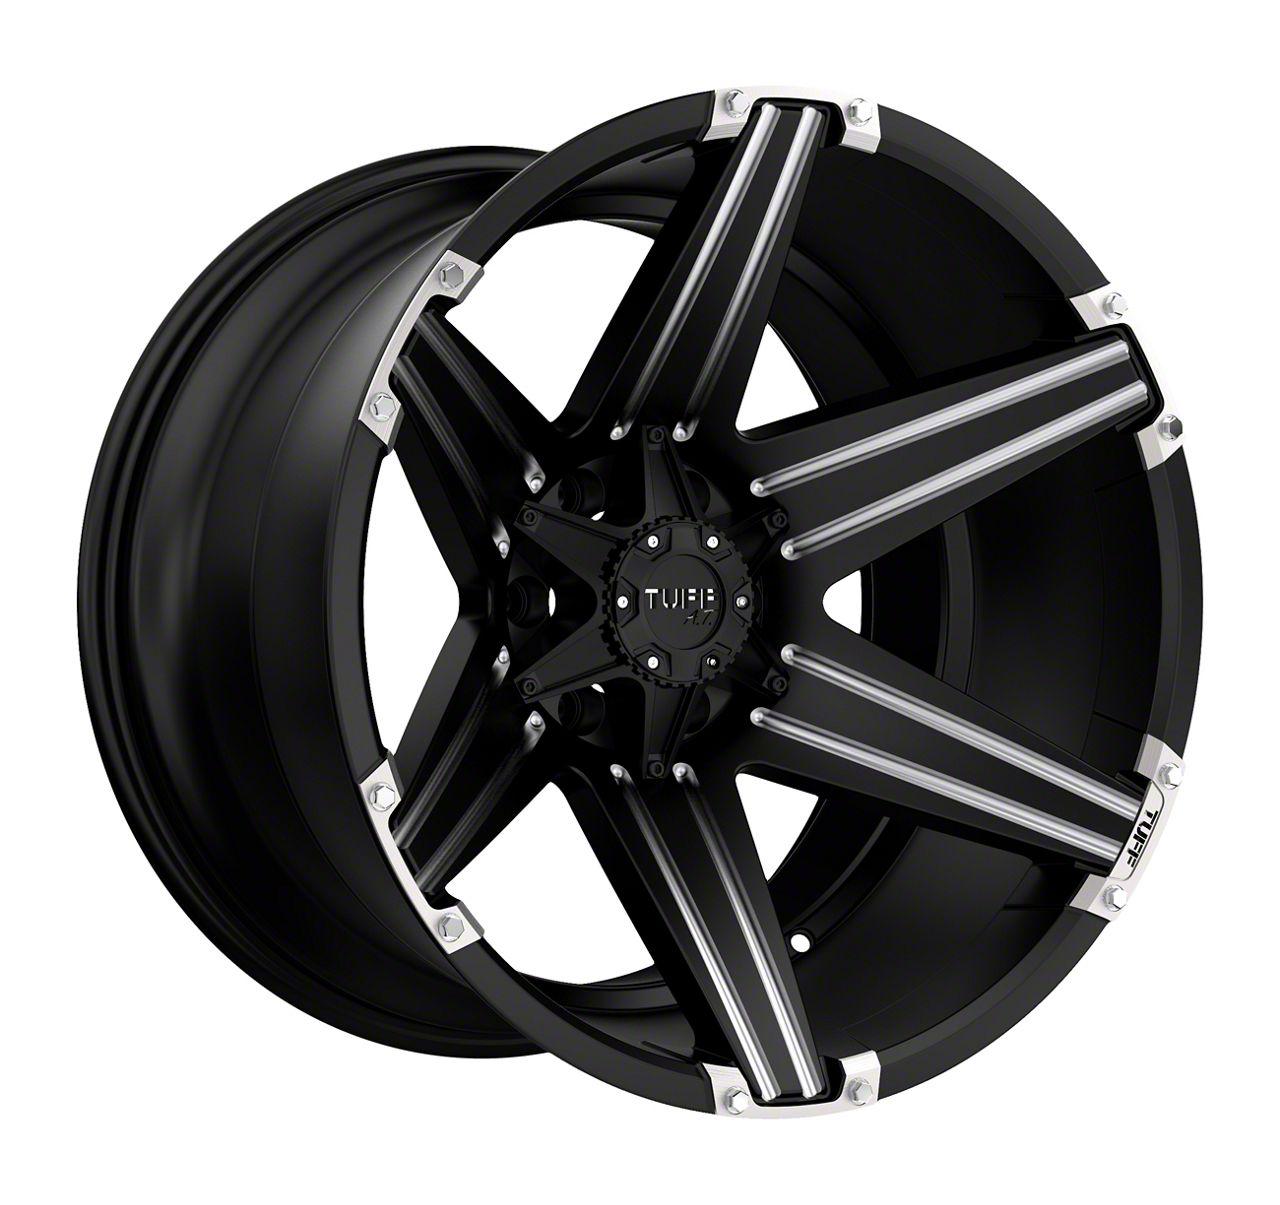 Tuff A.T. T12 Satin Black Milled w/ Brushed Inserts Wheel - 24x11 (87-06 Jeep Wrangler YJ & TJ)